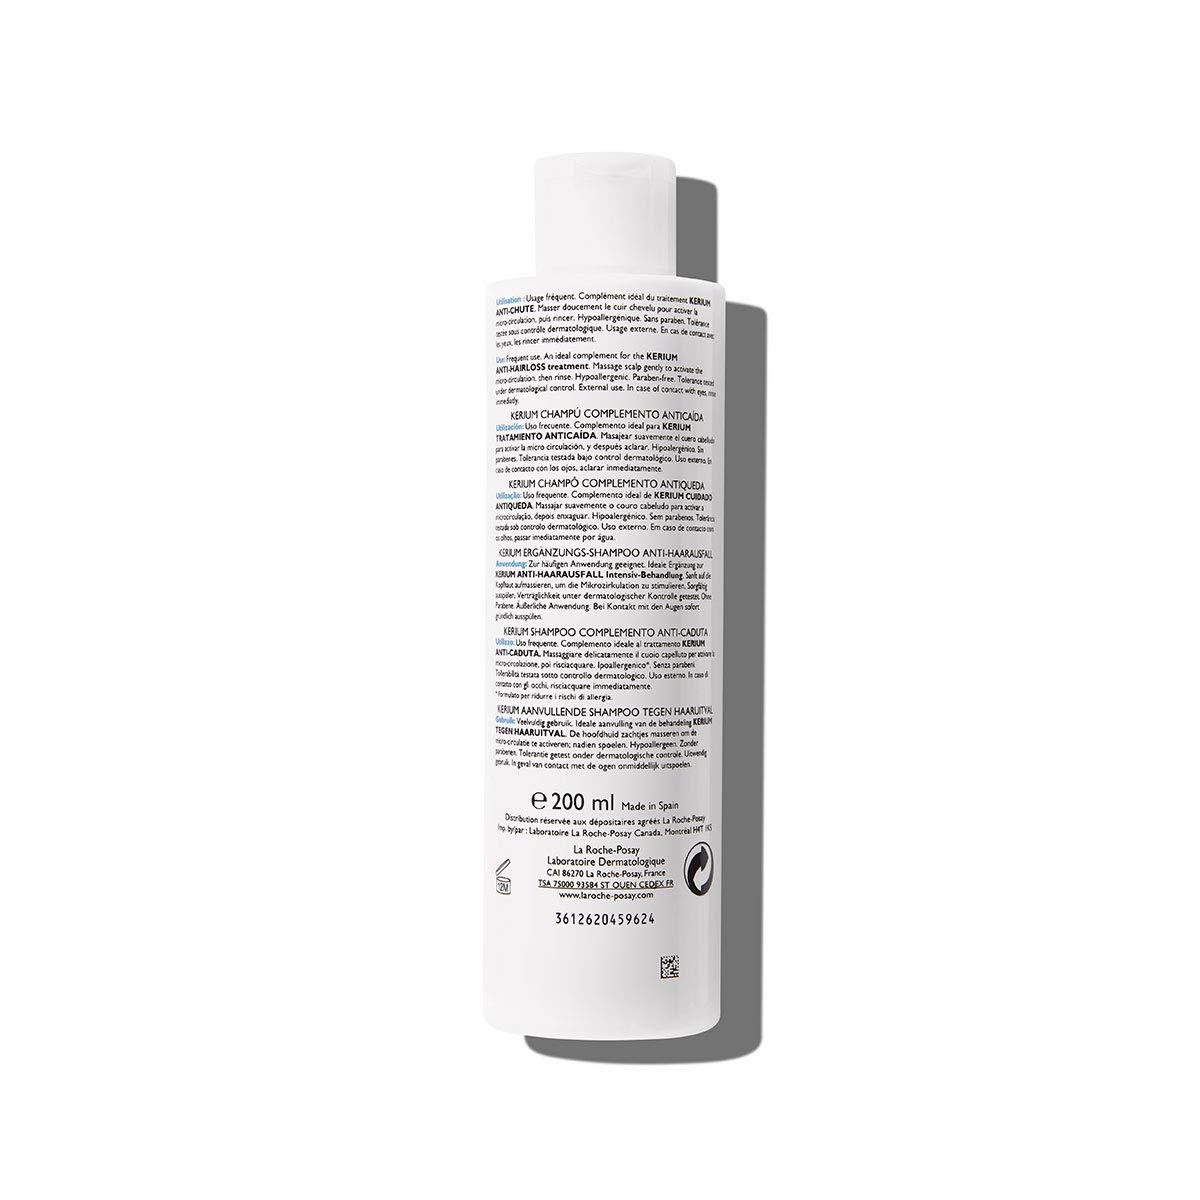 la Roche Posay KERIUM, Champú Complemento Anticaída, 200 ml (3337872411816): Amazon.es